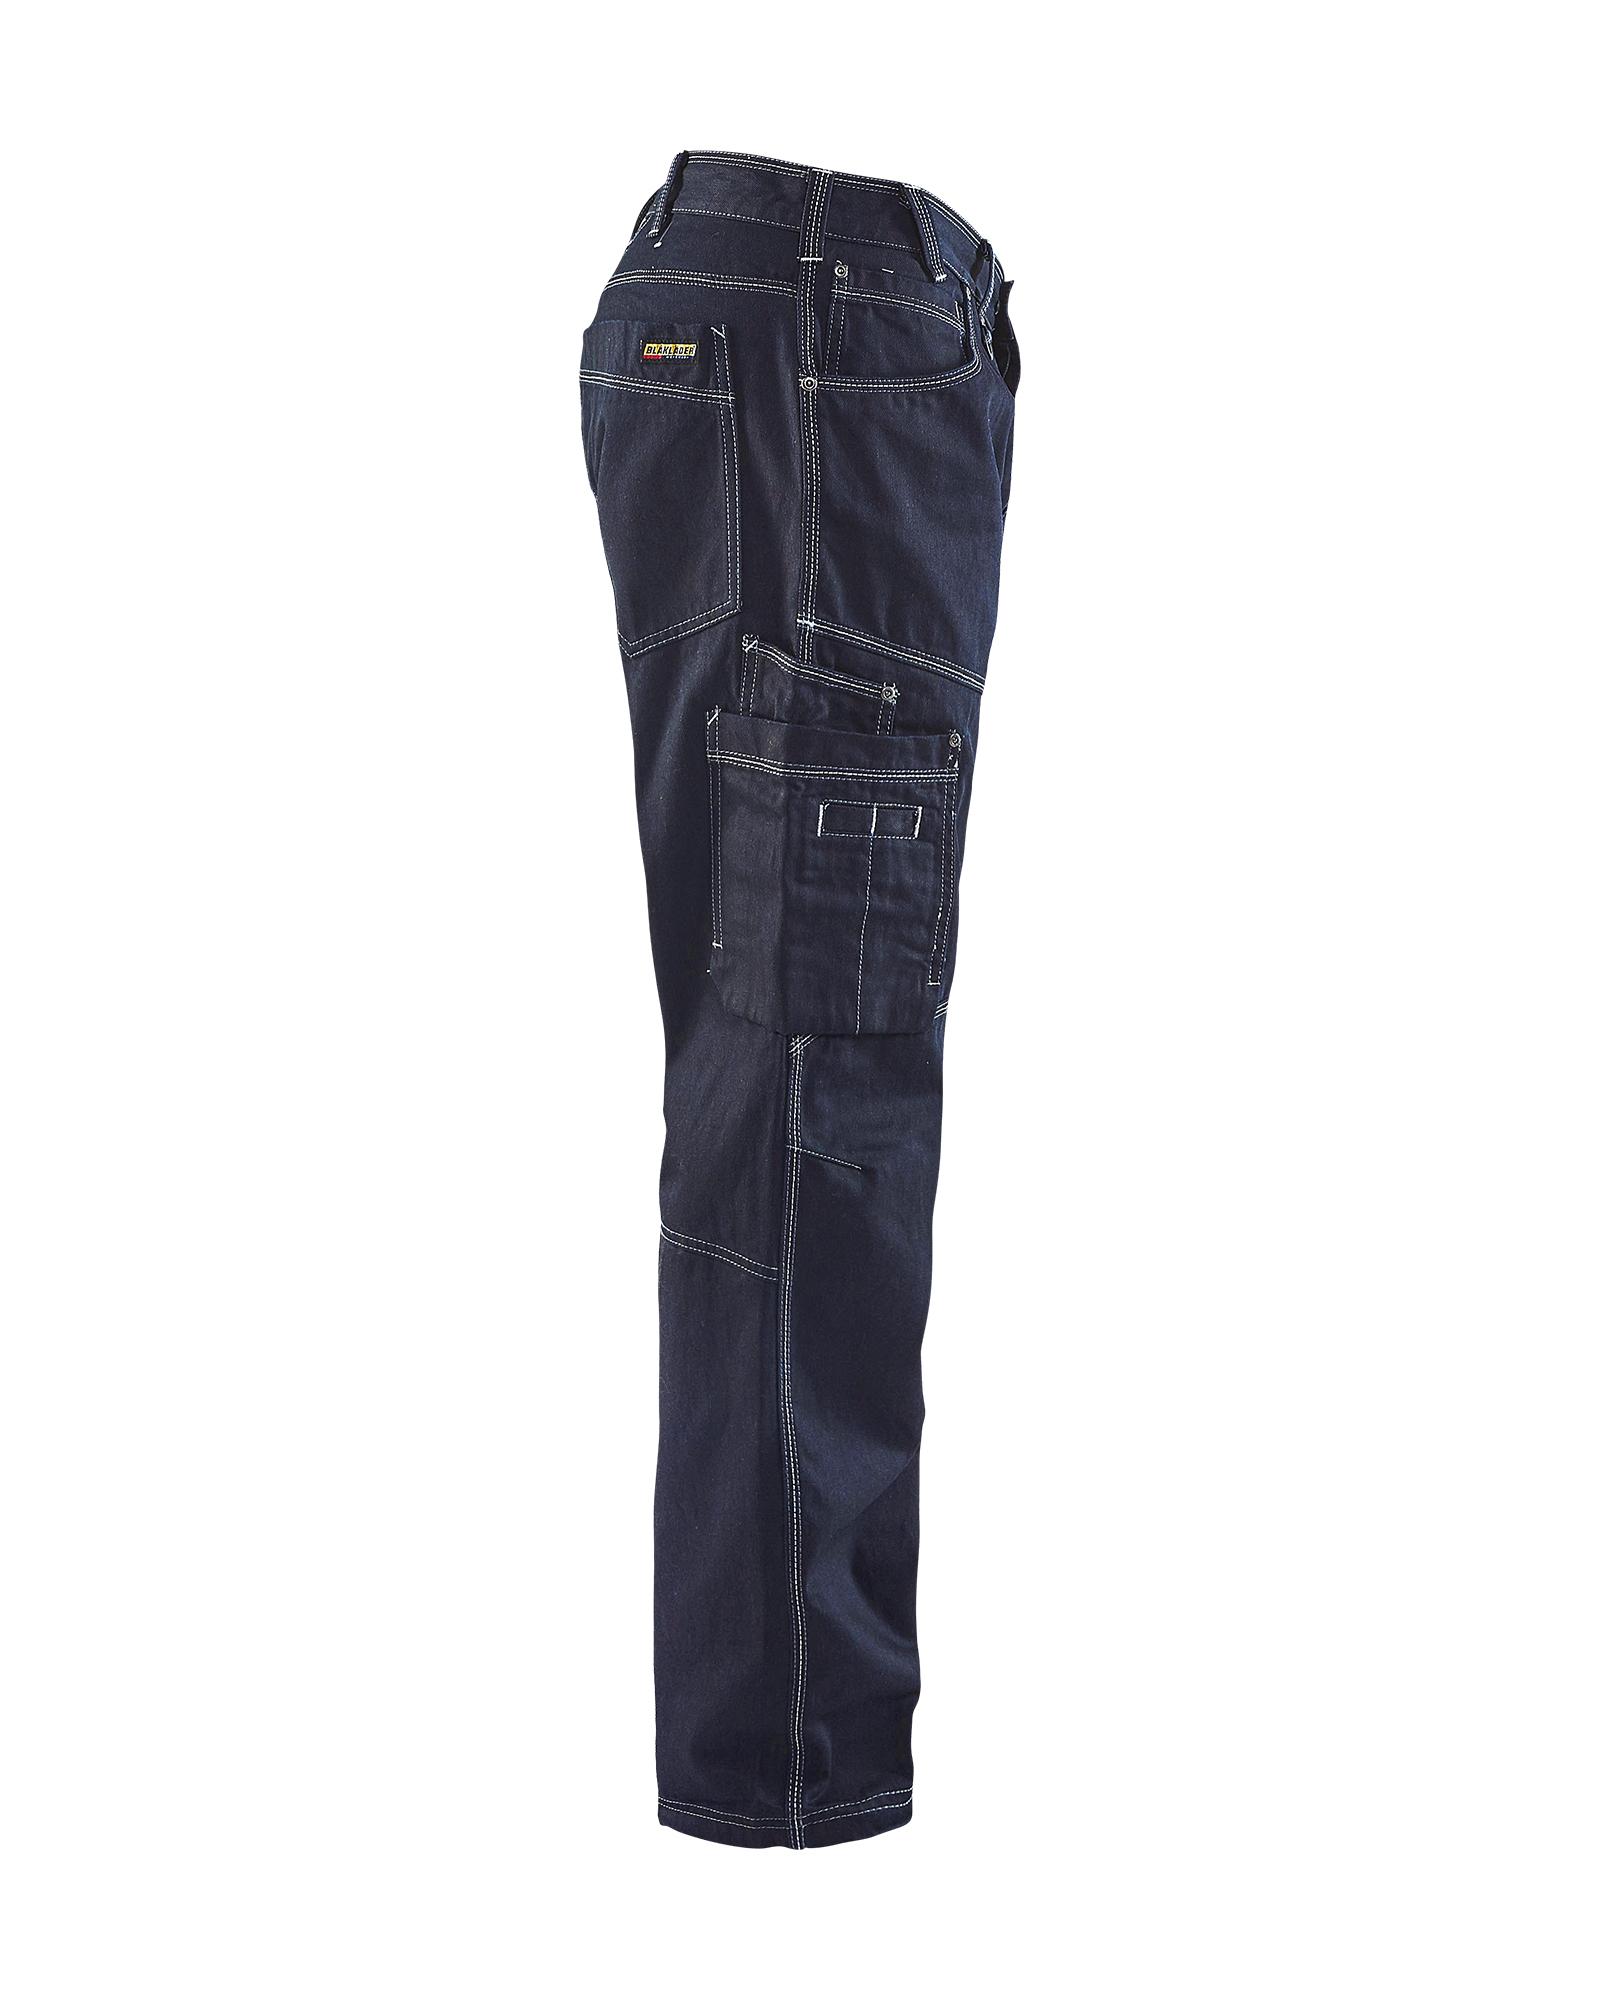 blåkleder bukser